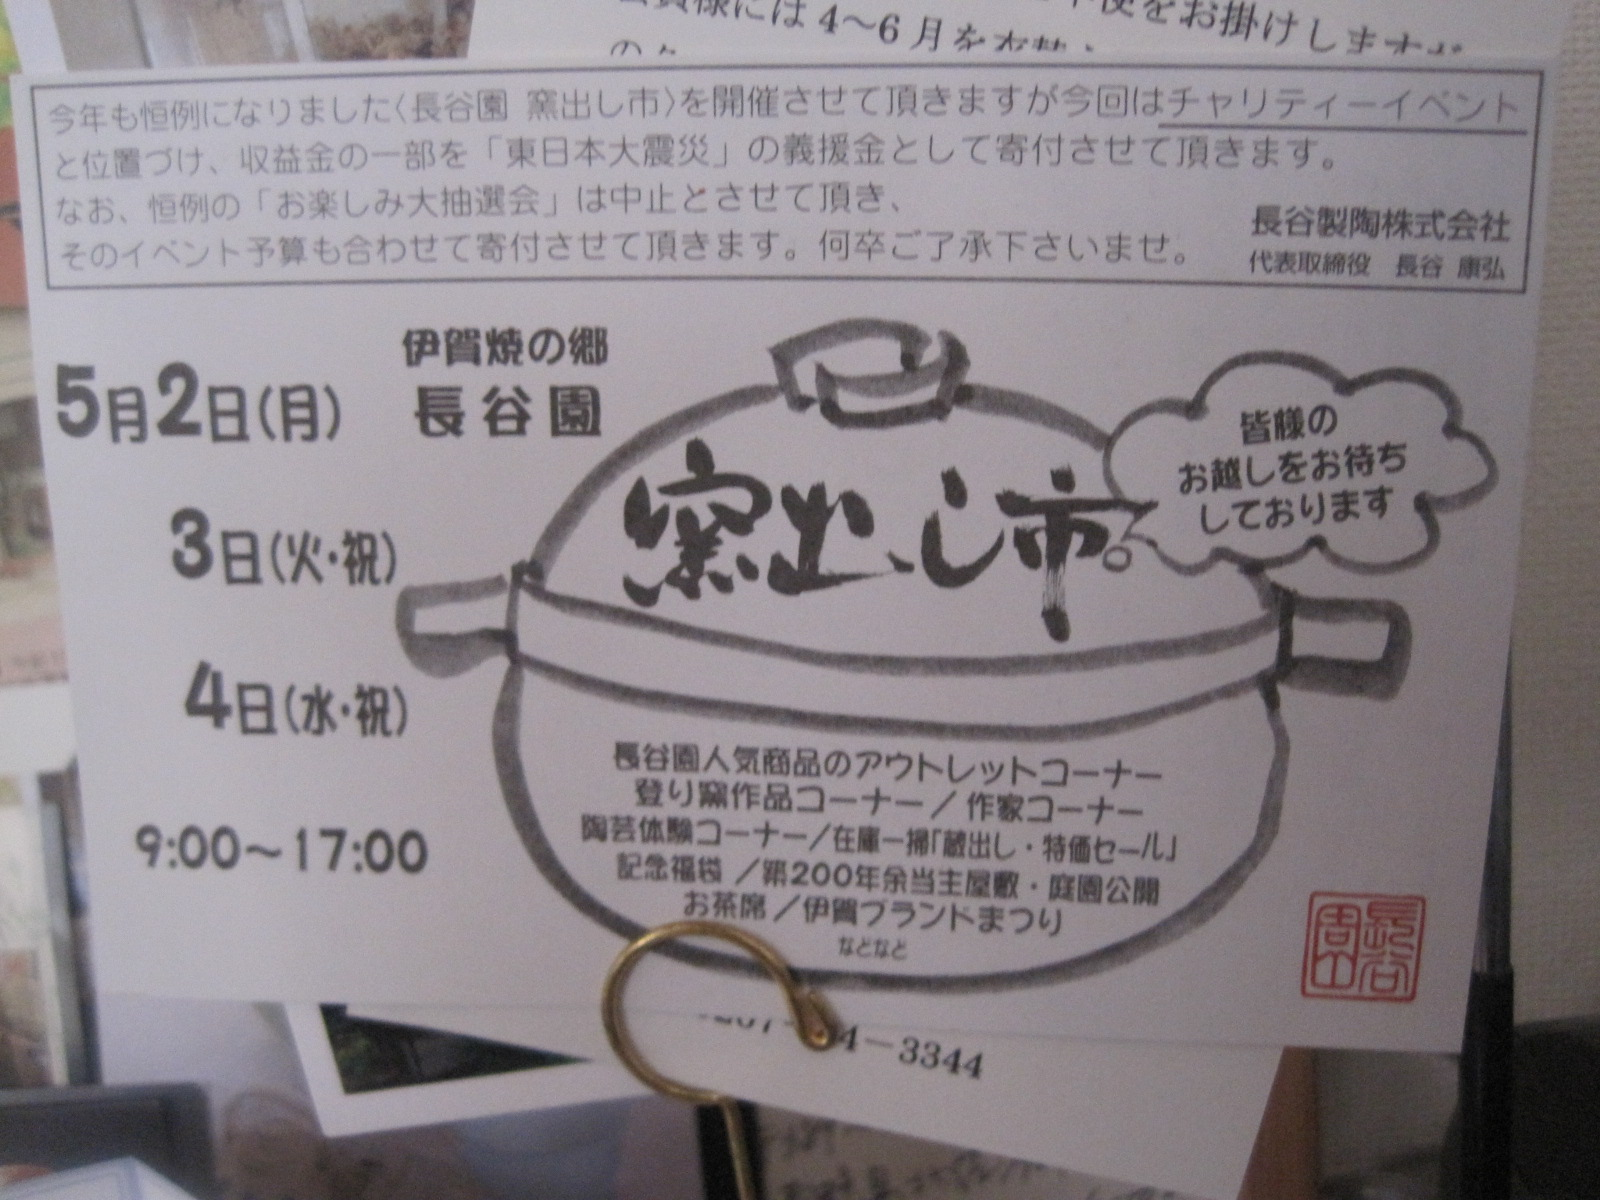 パーク&ライド in 軽井沢_f0236260_22103529.jpg